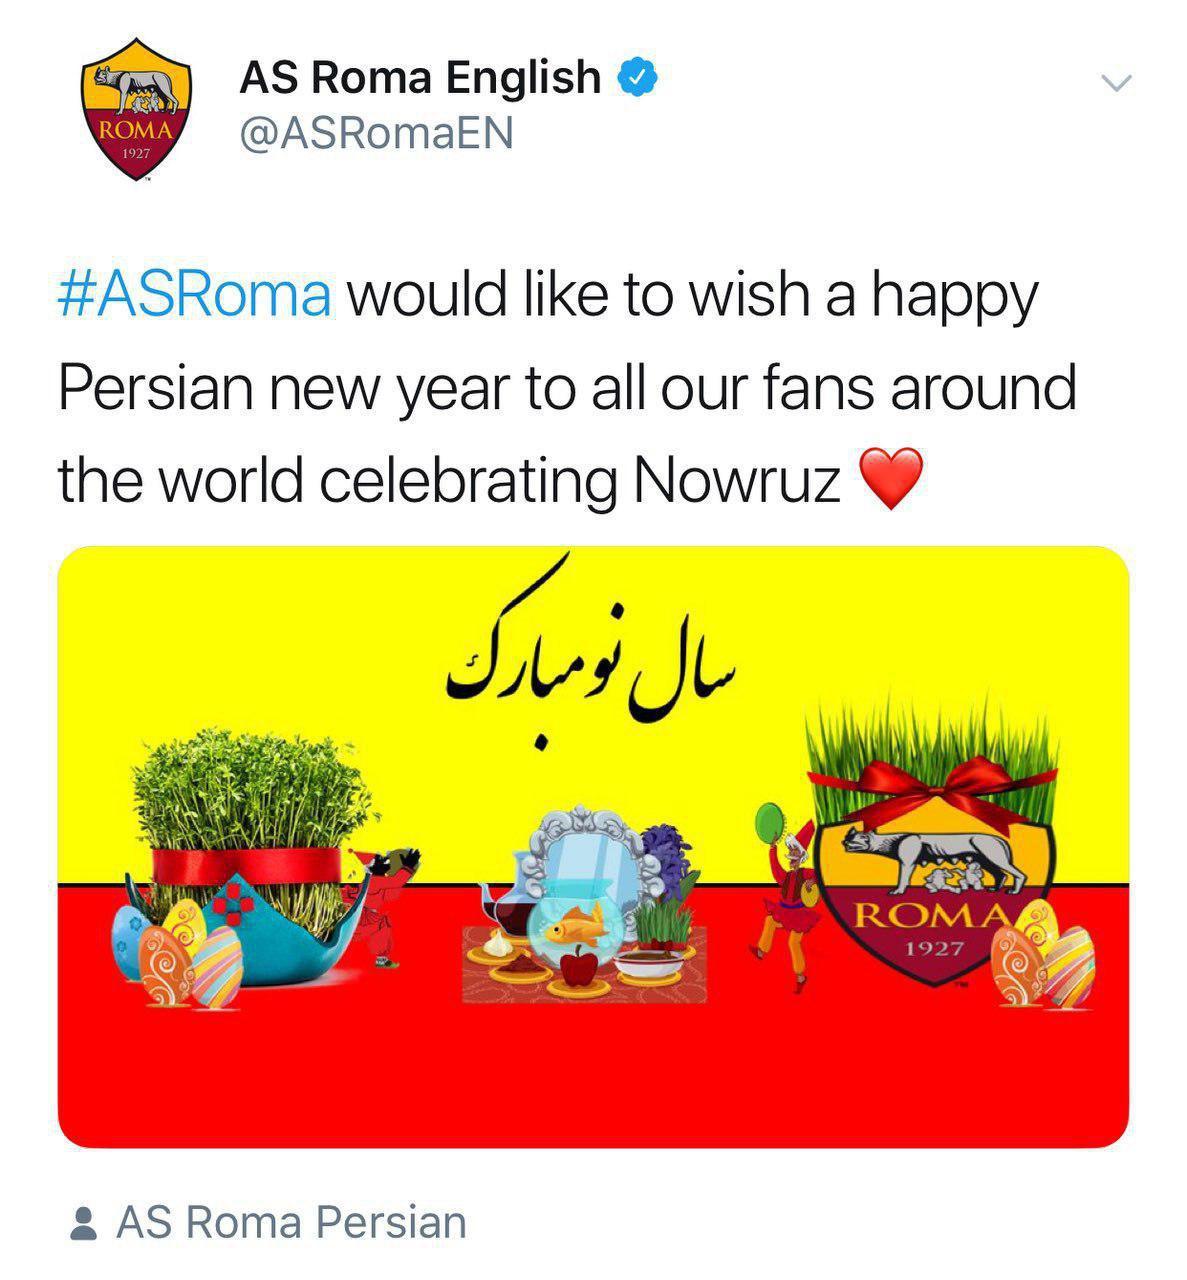 تبریک توییتر رسمی باشگاه رم به مناسبت نوروز باستانی (عکس) - 2